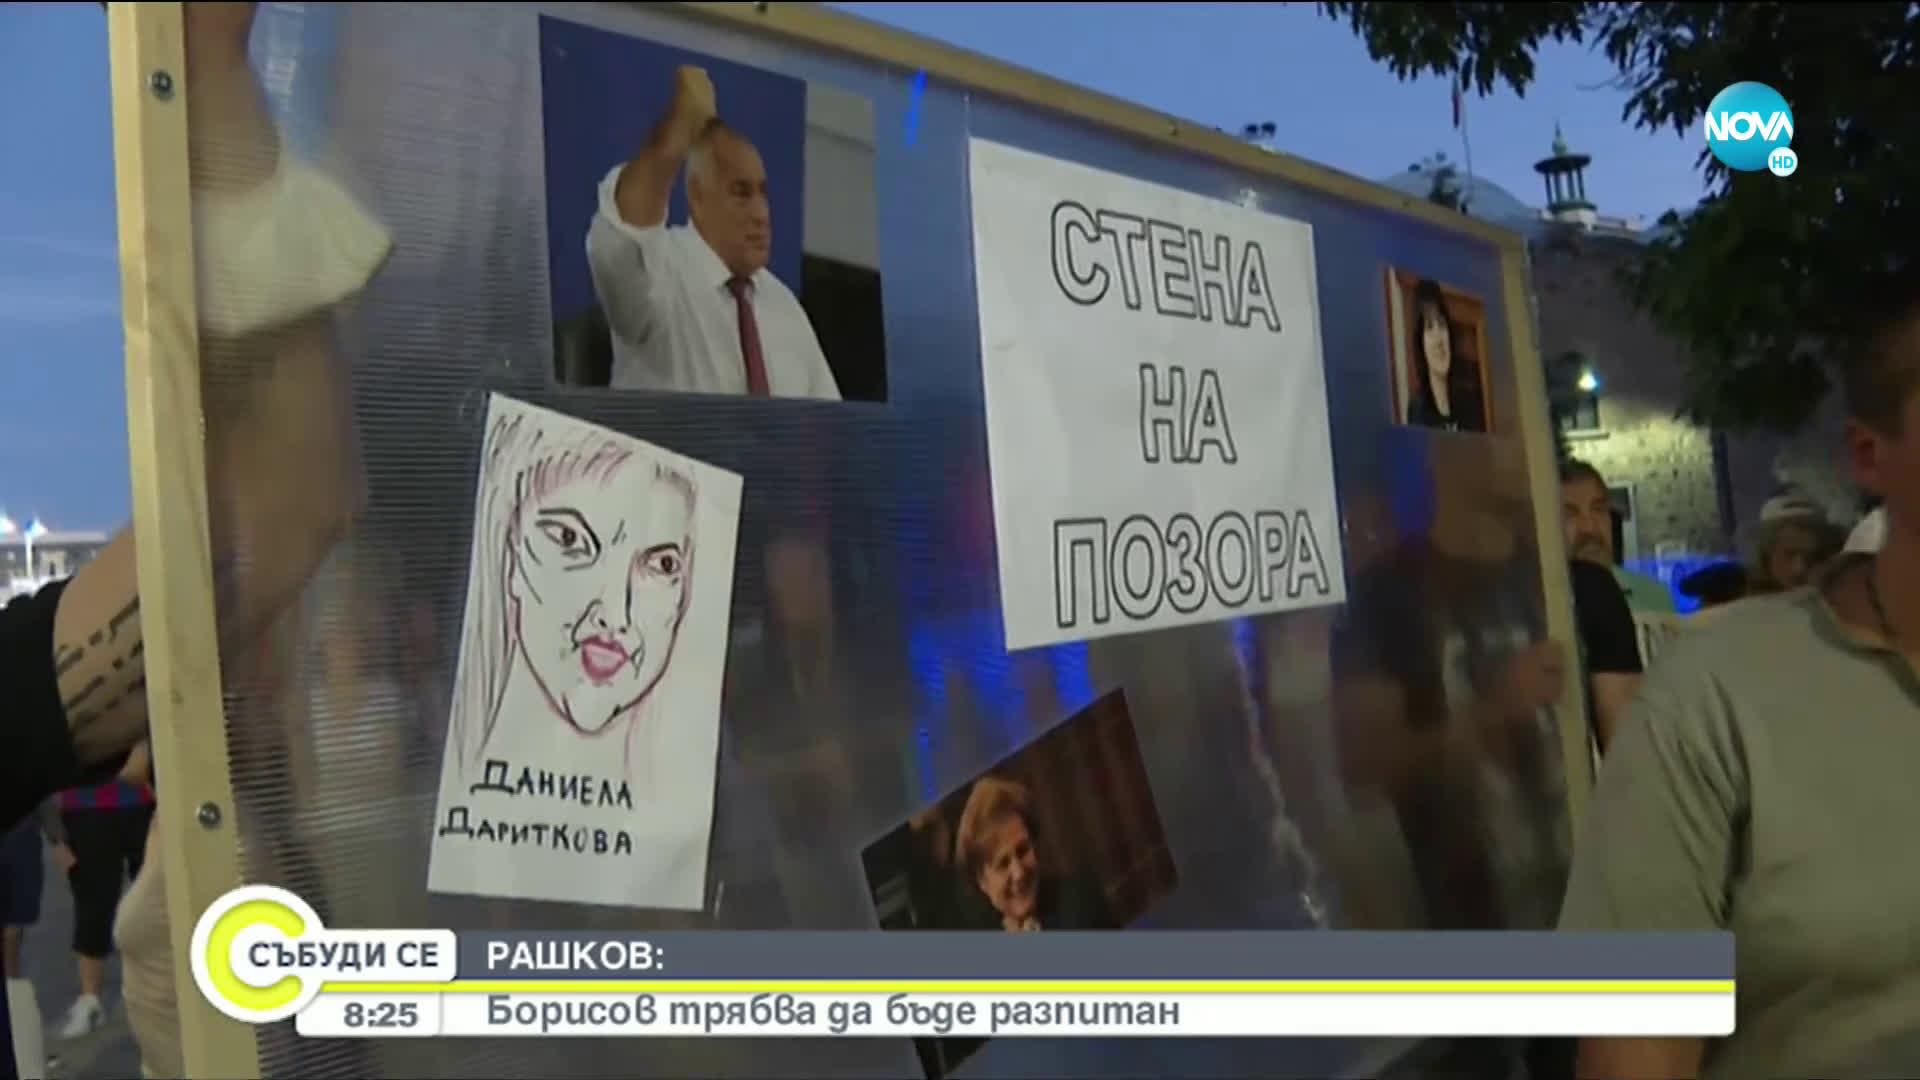 Рашков: Борисов не само трябва да бъде разпитан, но и да бъде разследван